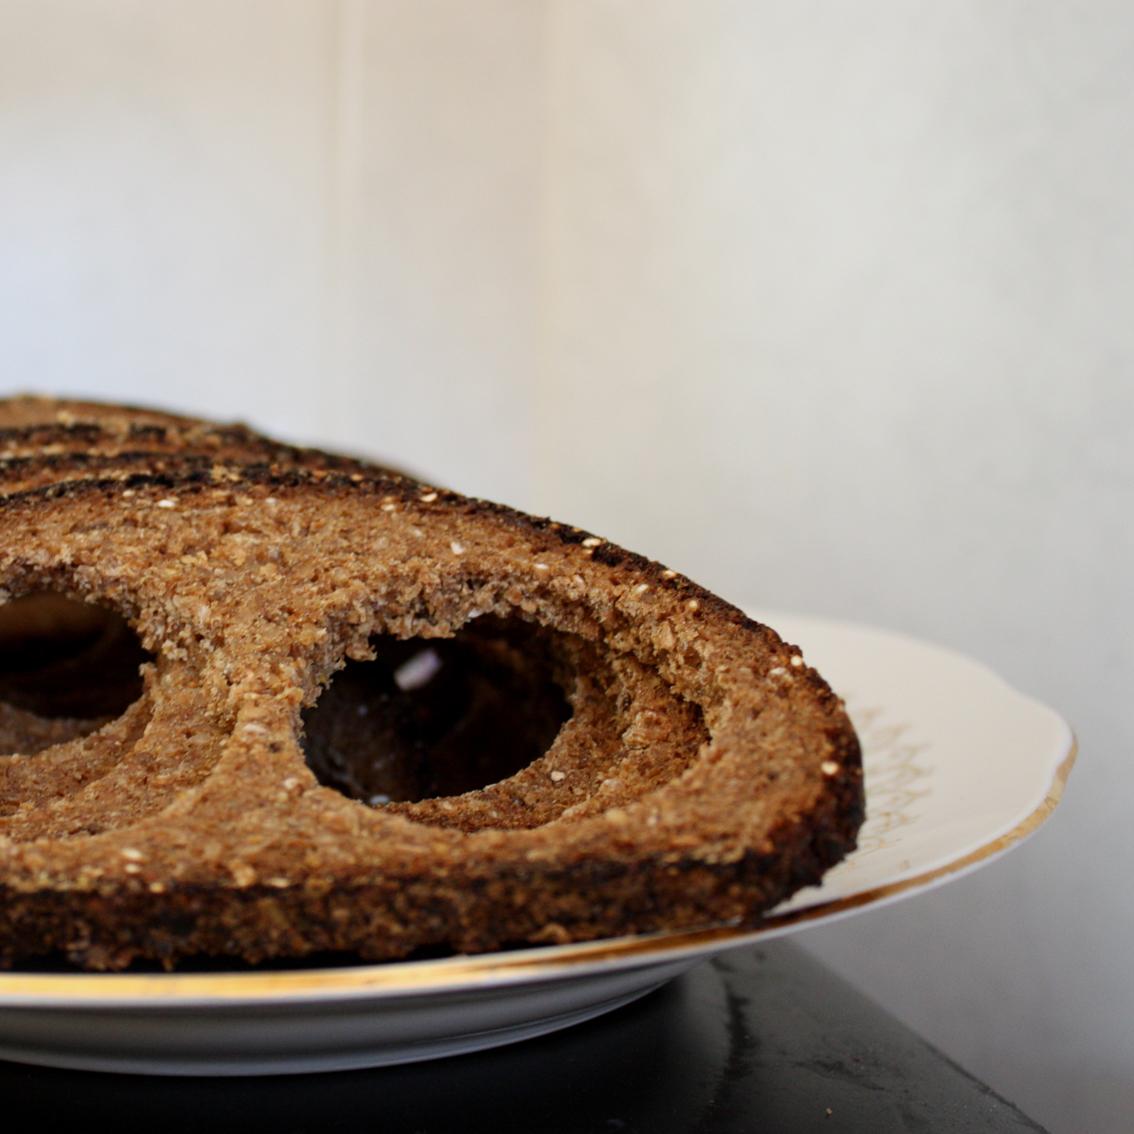 Ja nevar atturēties no formiņu izmantošanas, tad rezultātā tiek pie šādiem maizes šņukuriem. Ja izkaltē, varot taisīt maizes zupu.. bet viņai neko nemāk, vai ne?